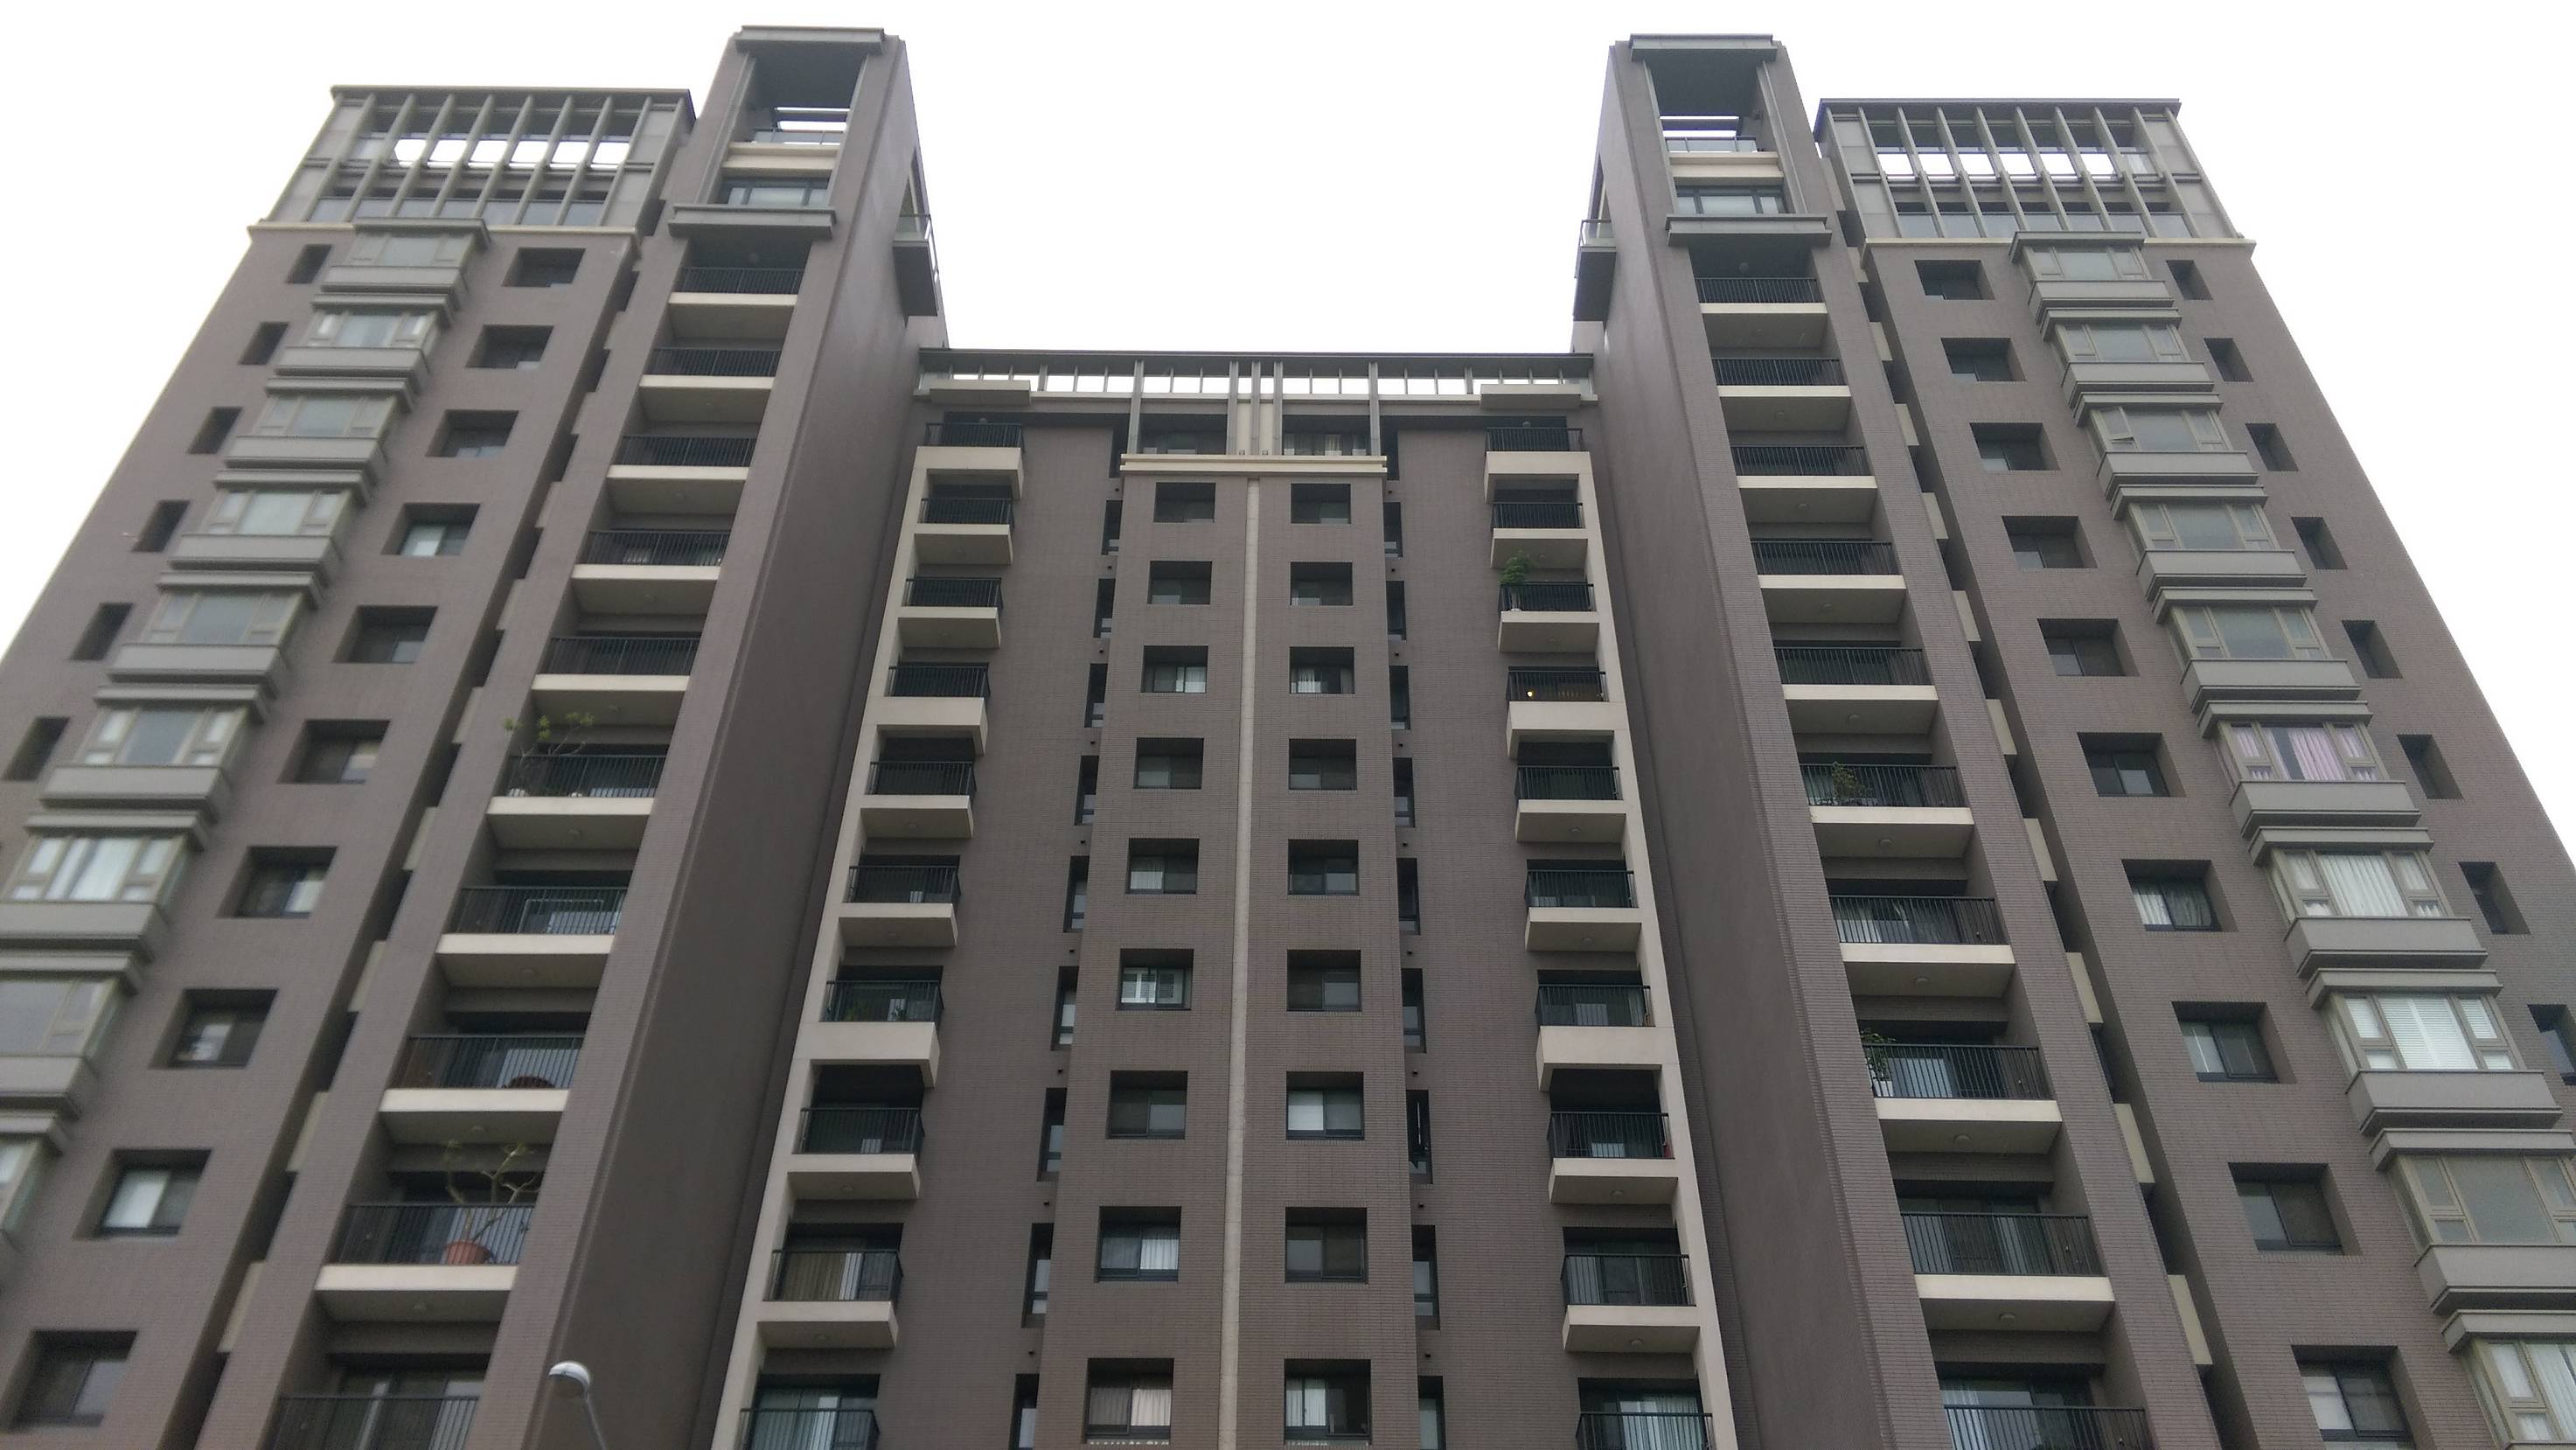 電梯住宅-新業睿智中高樓四房-臺中市西屯區漢翔路